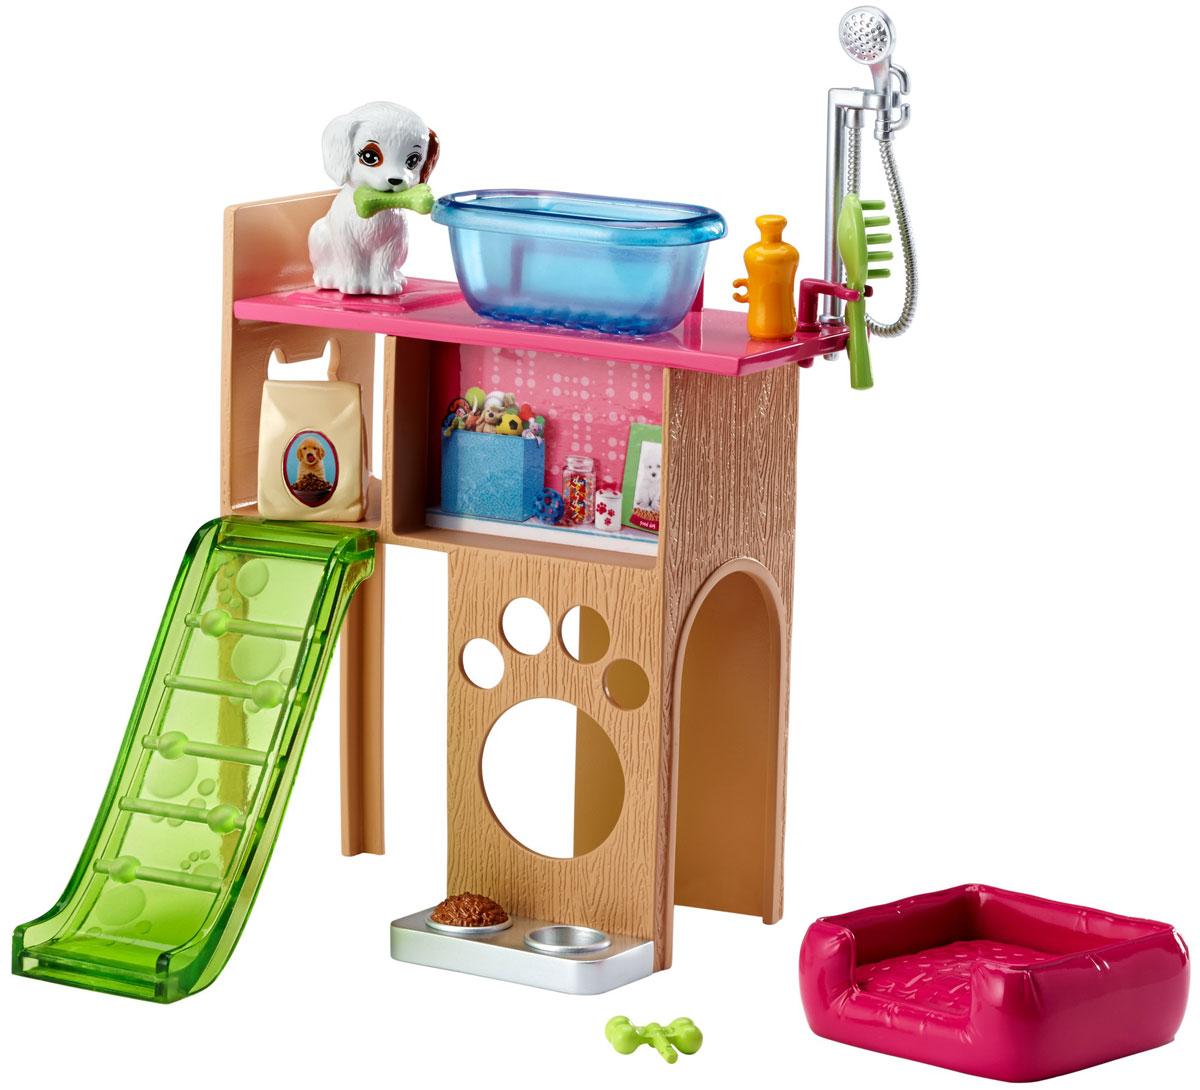 Barbie Мебель для кукол Отдых дома Уголок домашнего питомцаDVX44_DVX50Проведите спокойный вечер дома с набором мебели Barbie. Кукла (продается отдельно) может поиграть со своим домашним любимцем, искупать его с шампунем, покормить и уложить на лежанку. Соберите всю превосходную мебель и аксессуары, чтобы создать полноценный интерьер для своей куклы Barbie. Все предметы набора выполнены из качественного и безопасного пластика.